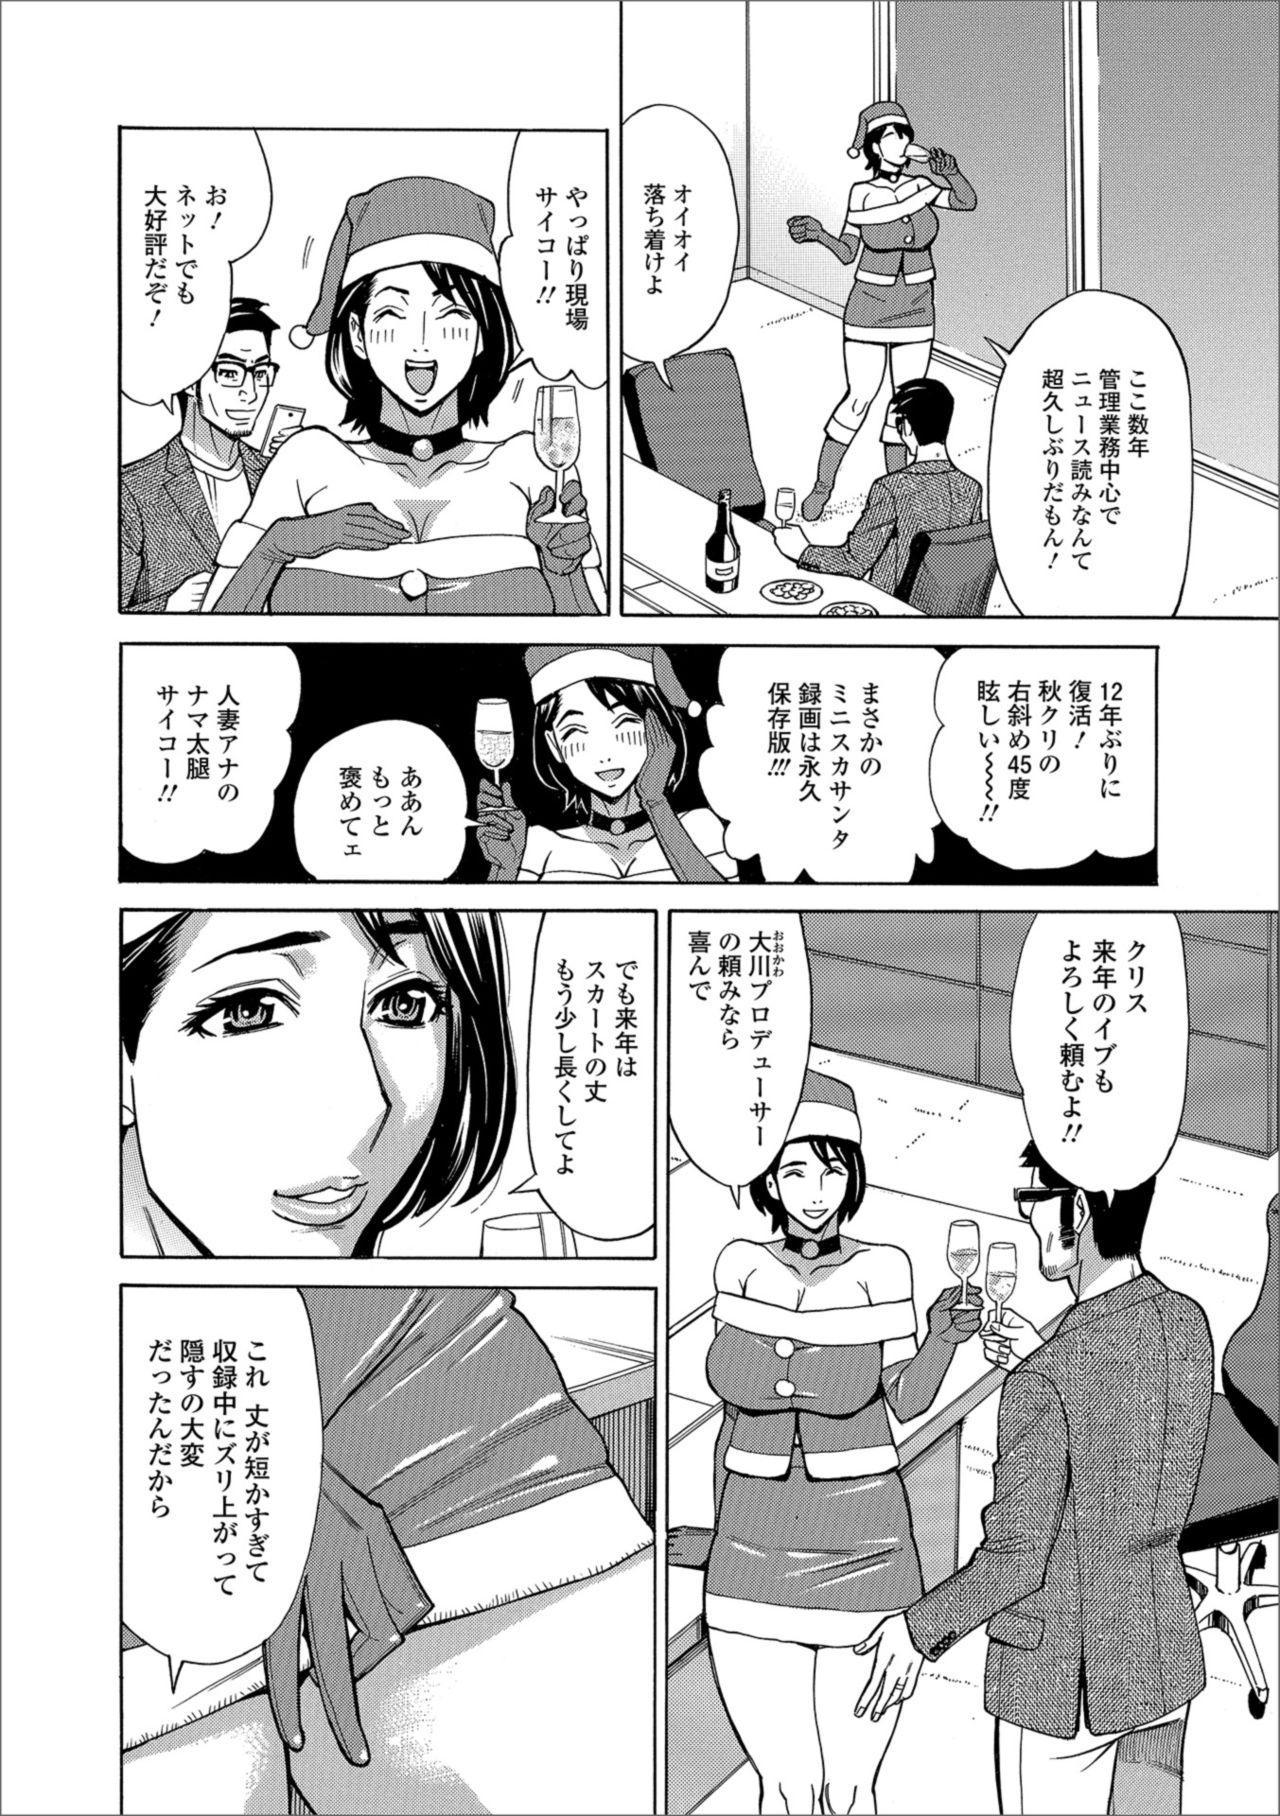 Web Haishin Gekkan Tonari no Kininaru Oku-san Vol. 019 21